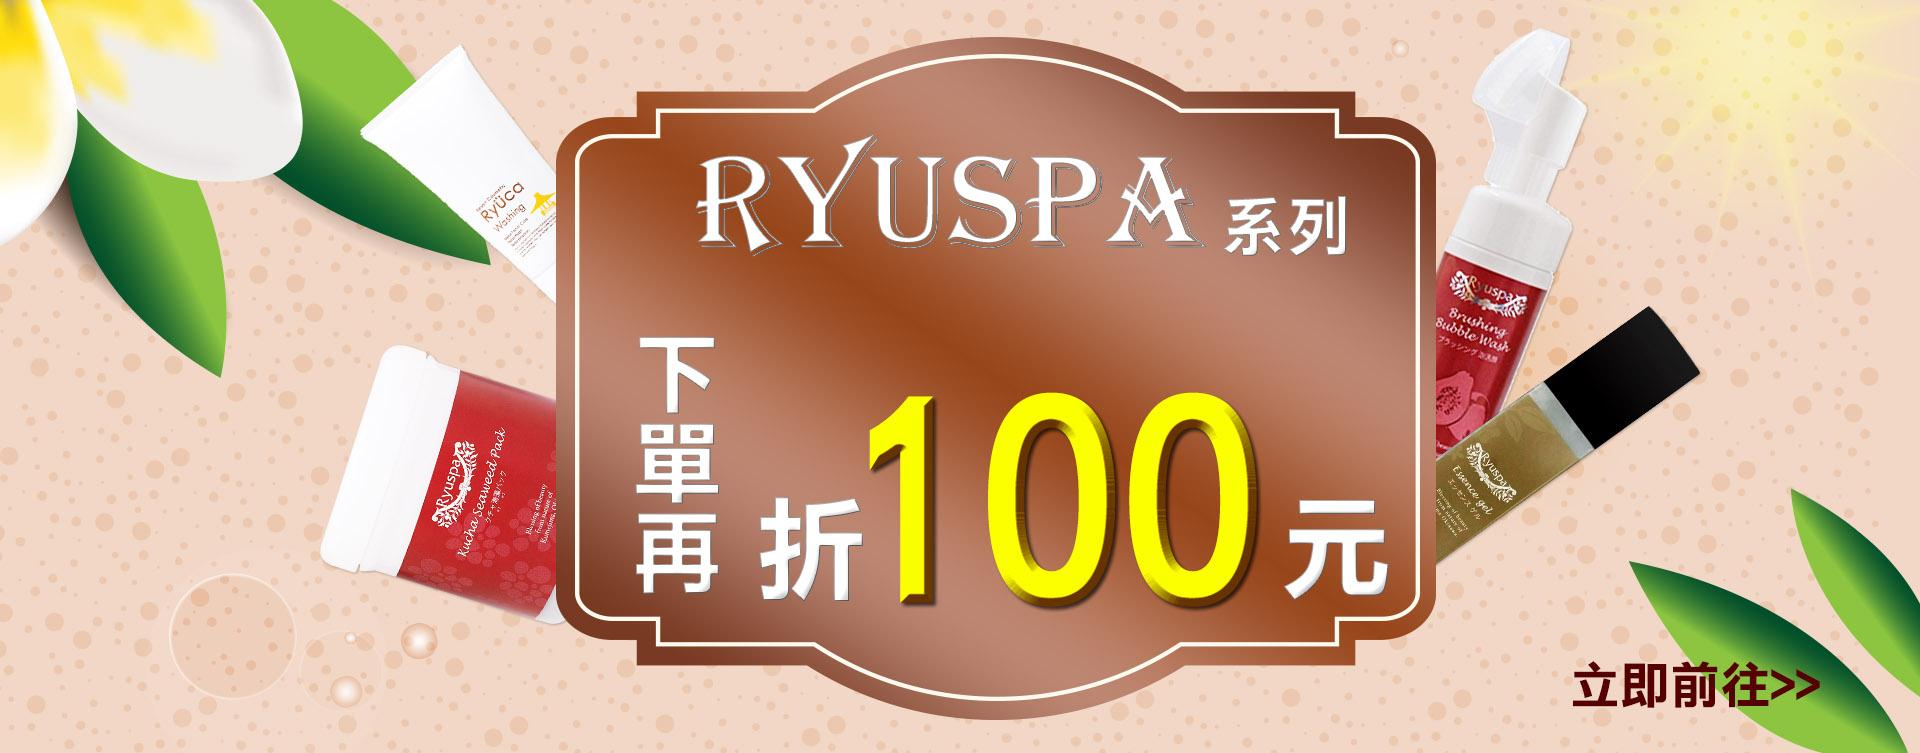 RYUSPA系列特價下單再折100元